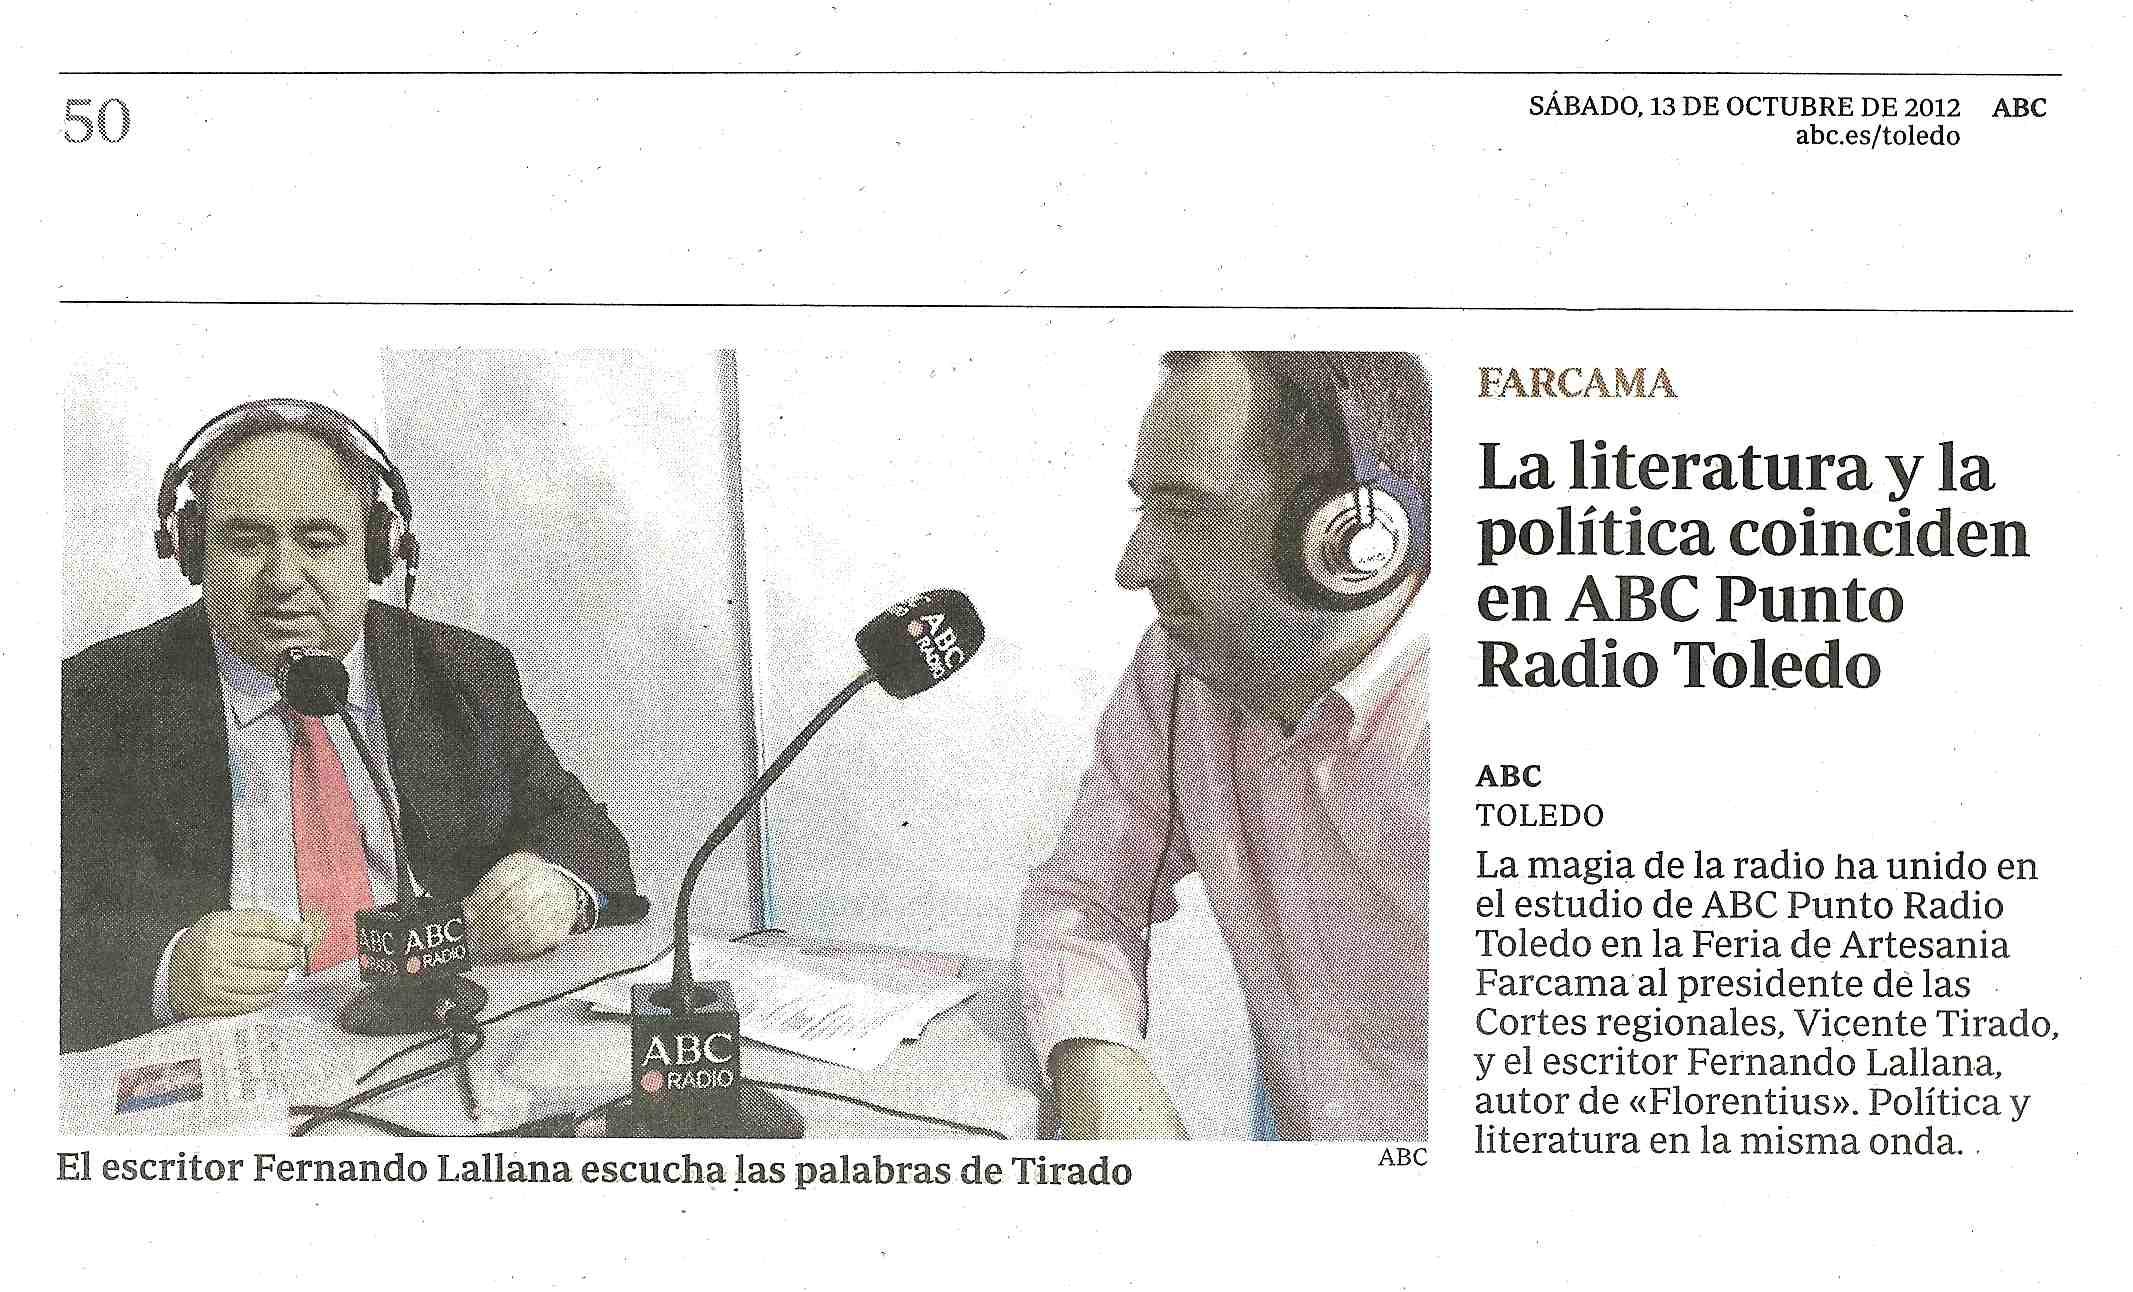 ABC : Tertulia en ABC PUNTO RADIO.